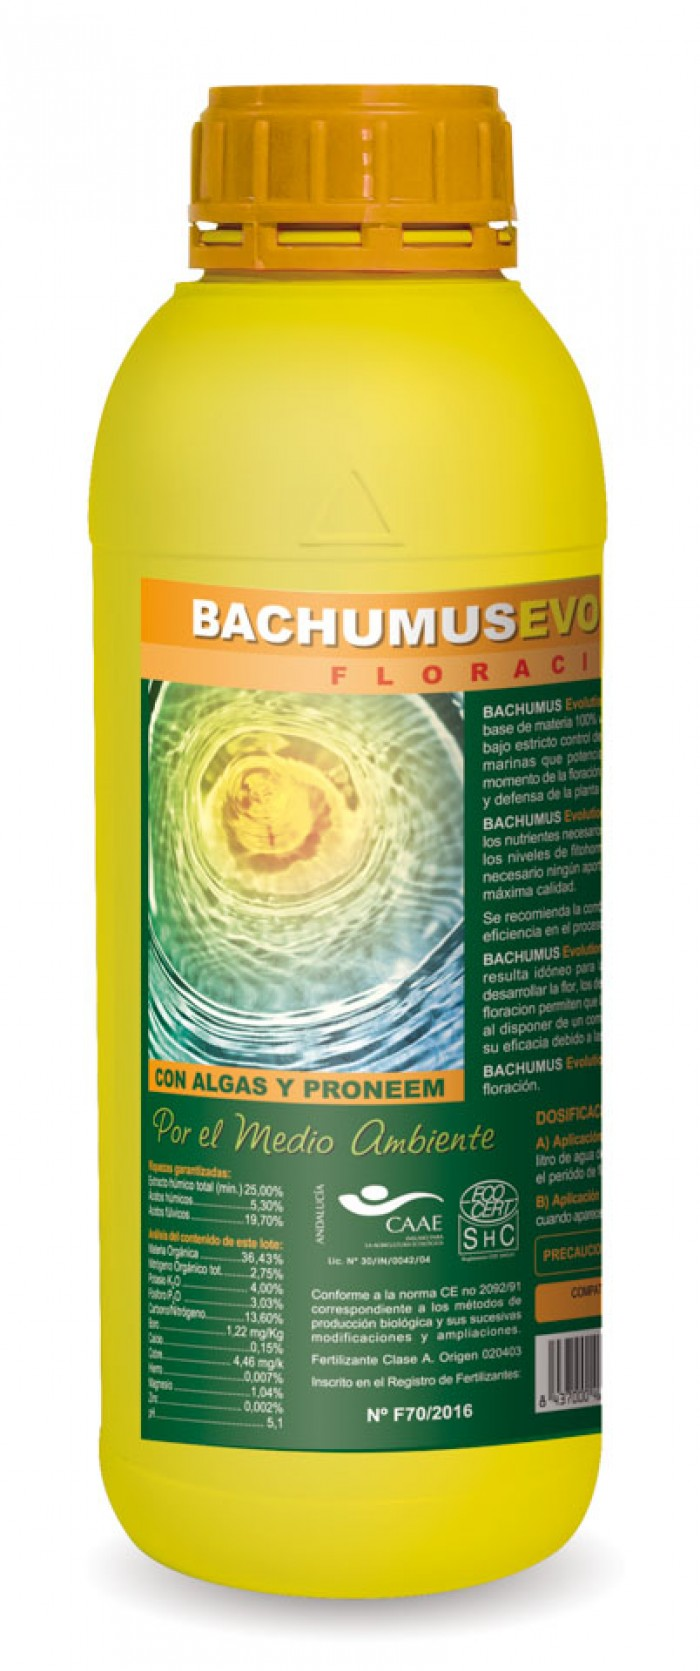 Bachumus Evolution Floración (TRABE)